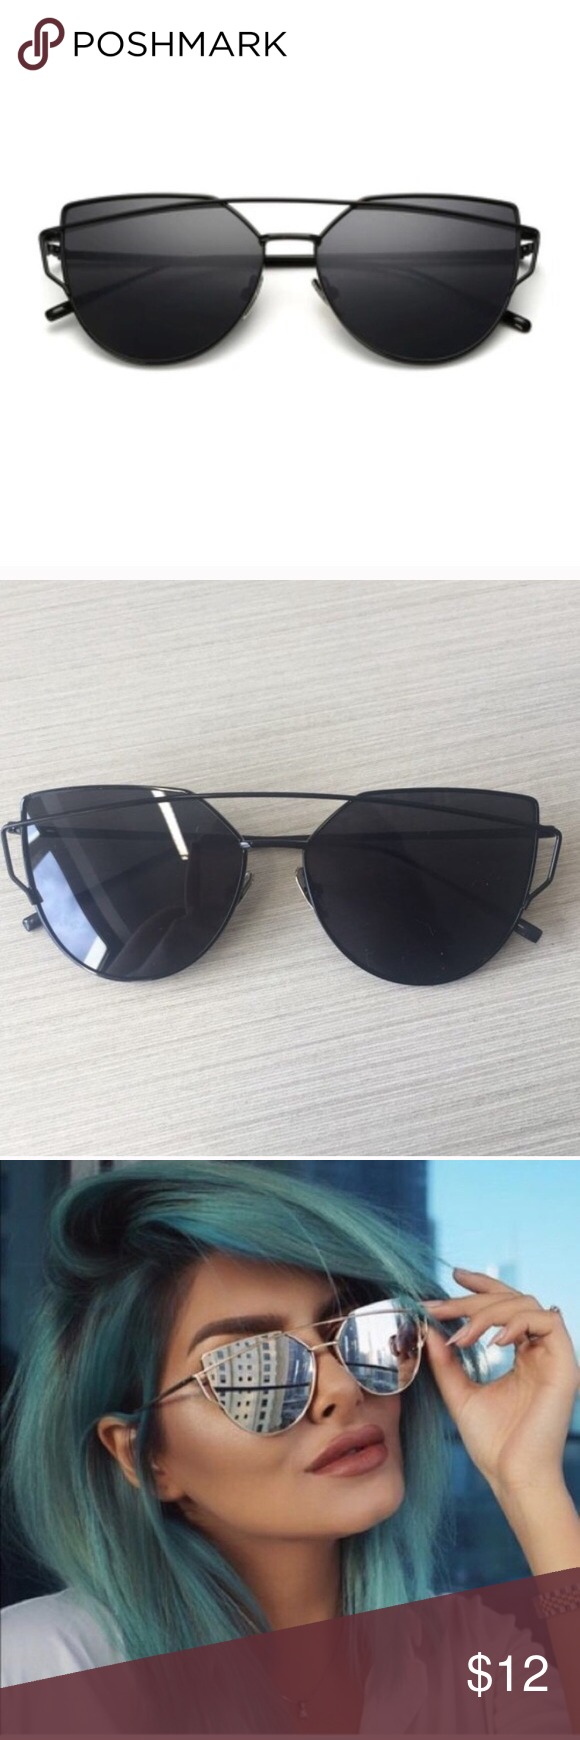 Black sunglasses Great condition Accessories Sunglasses